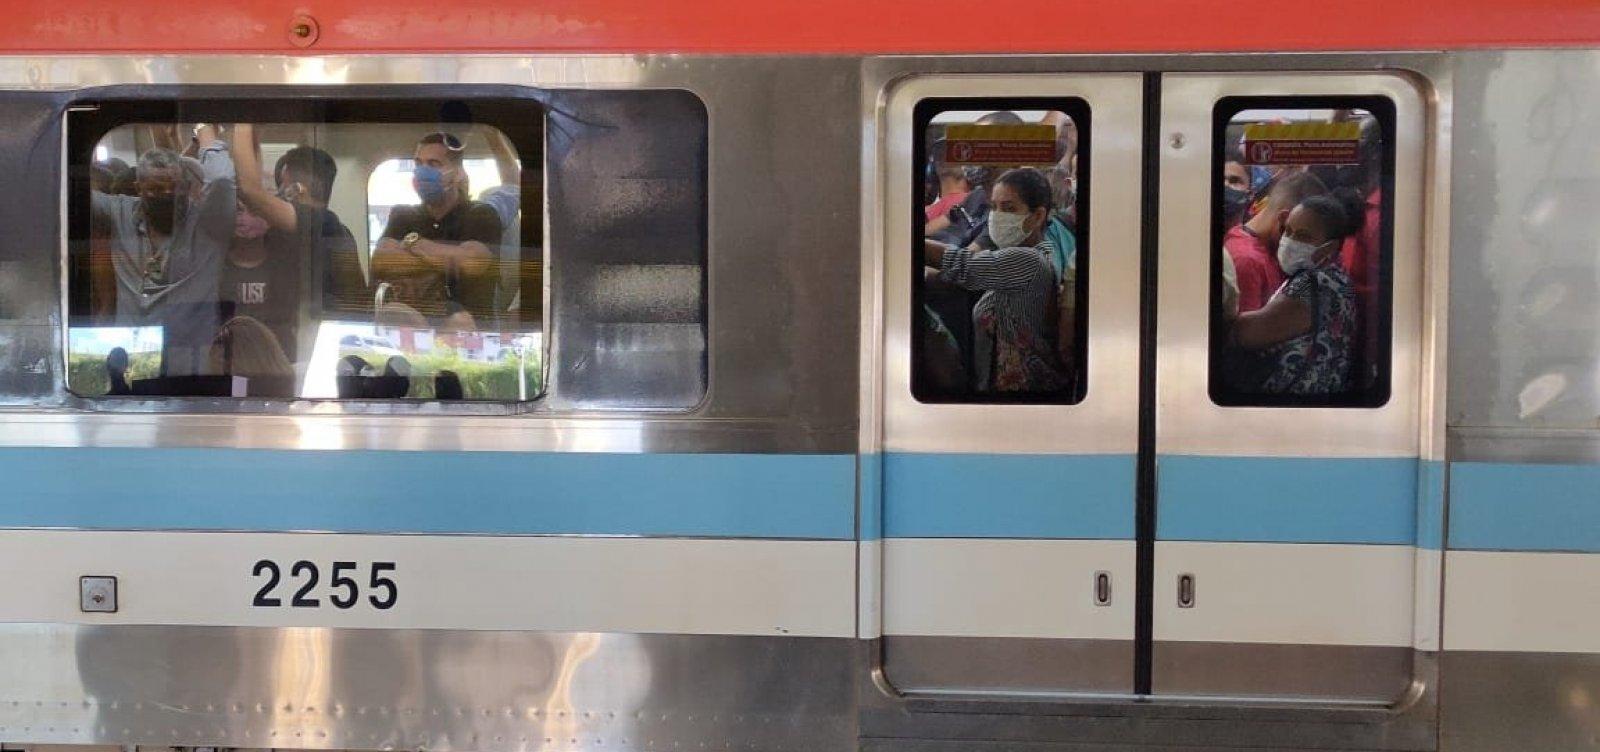 [Linha 2 do metrô de Salvador apresenta falha e provoca atraso nas estações]